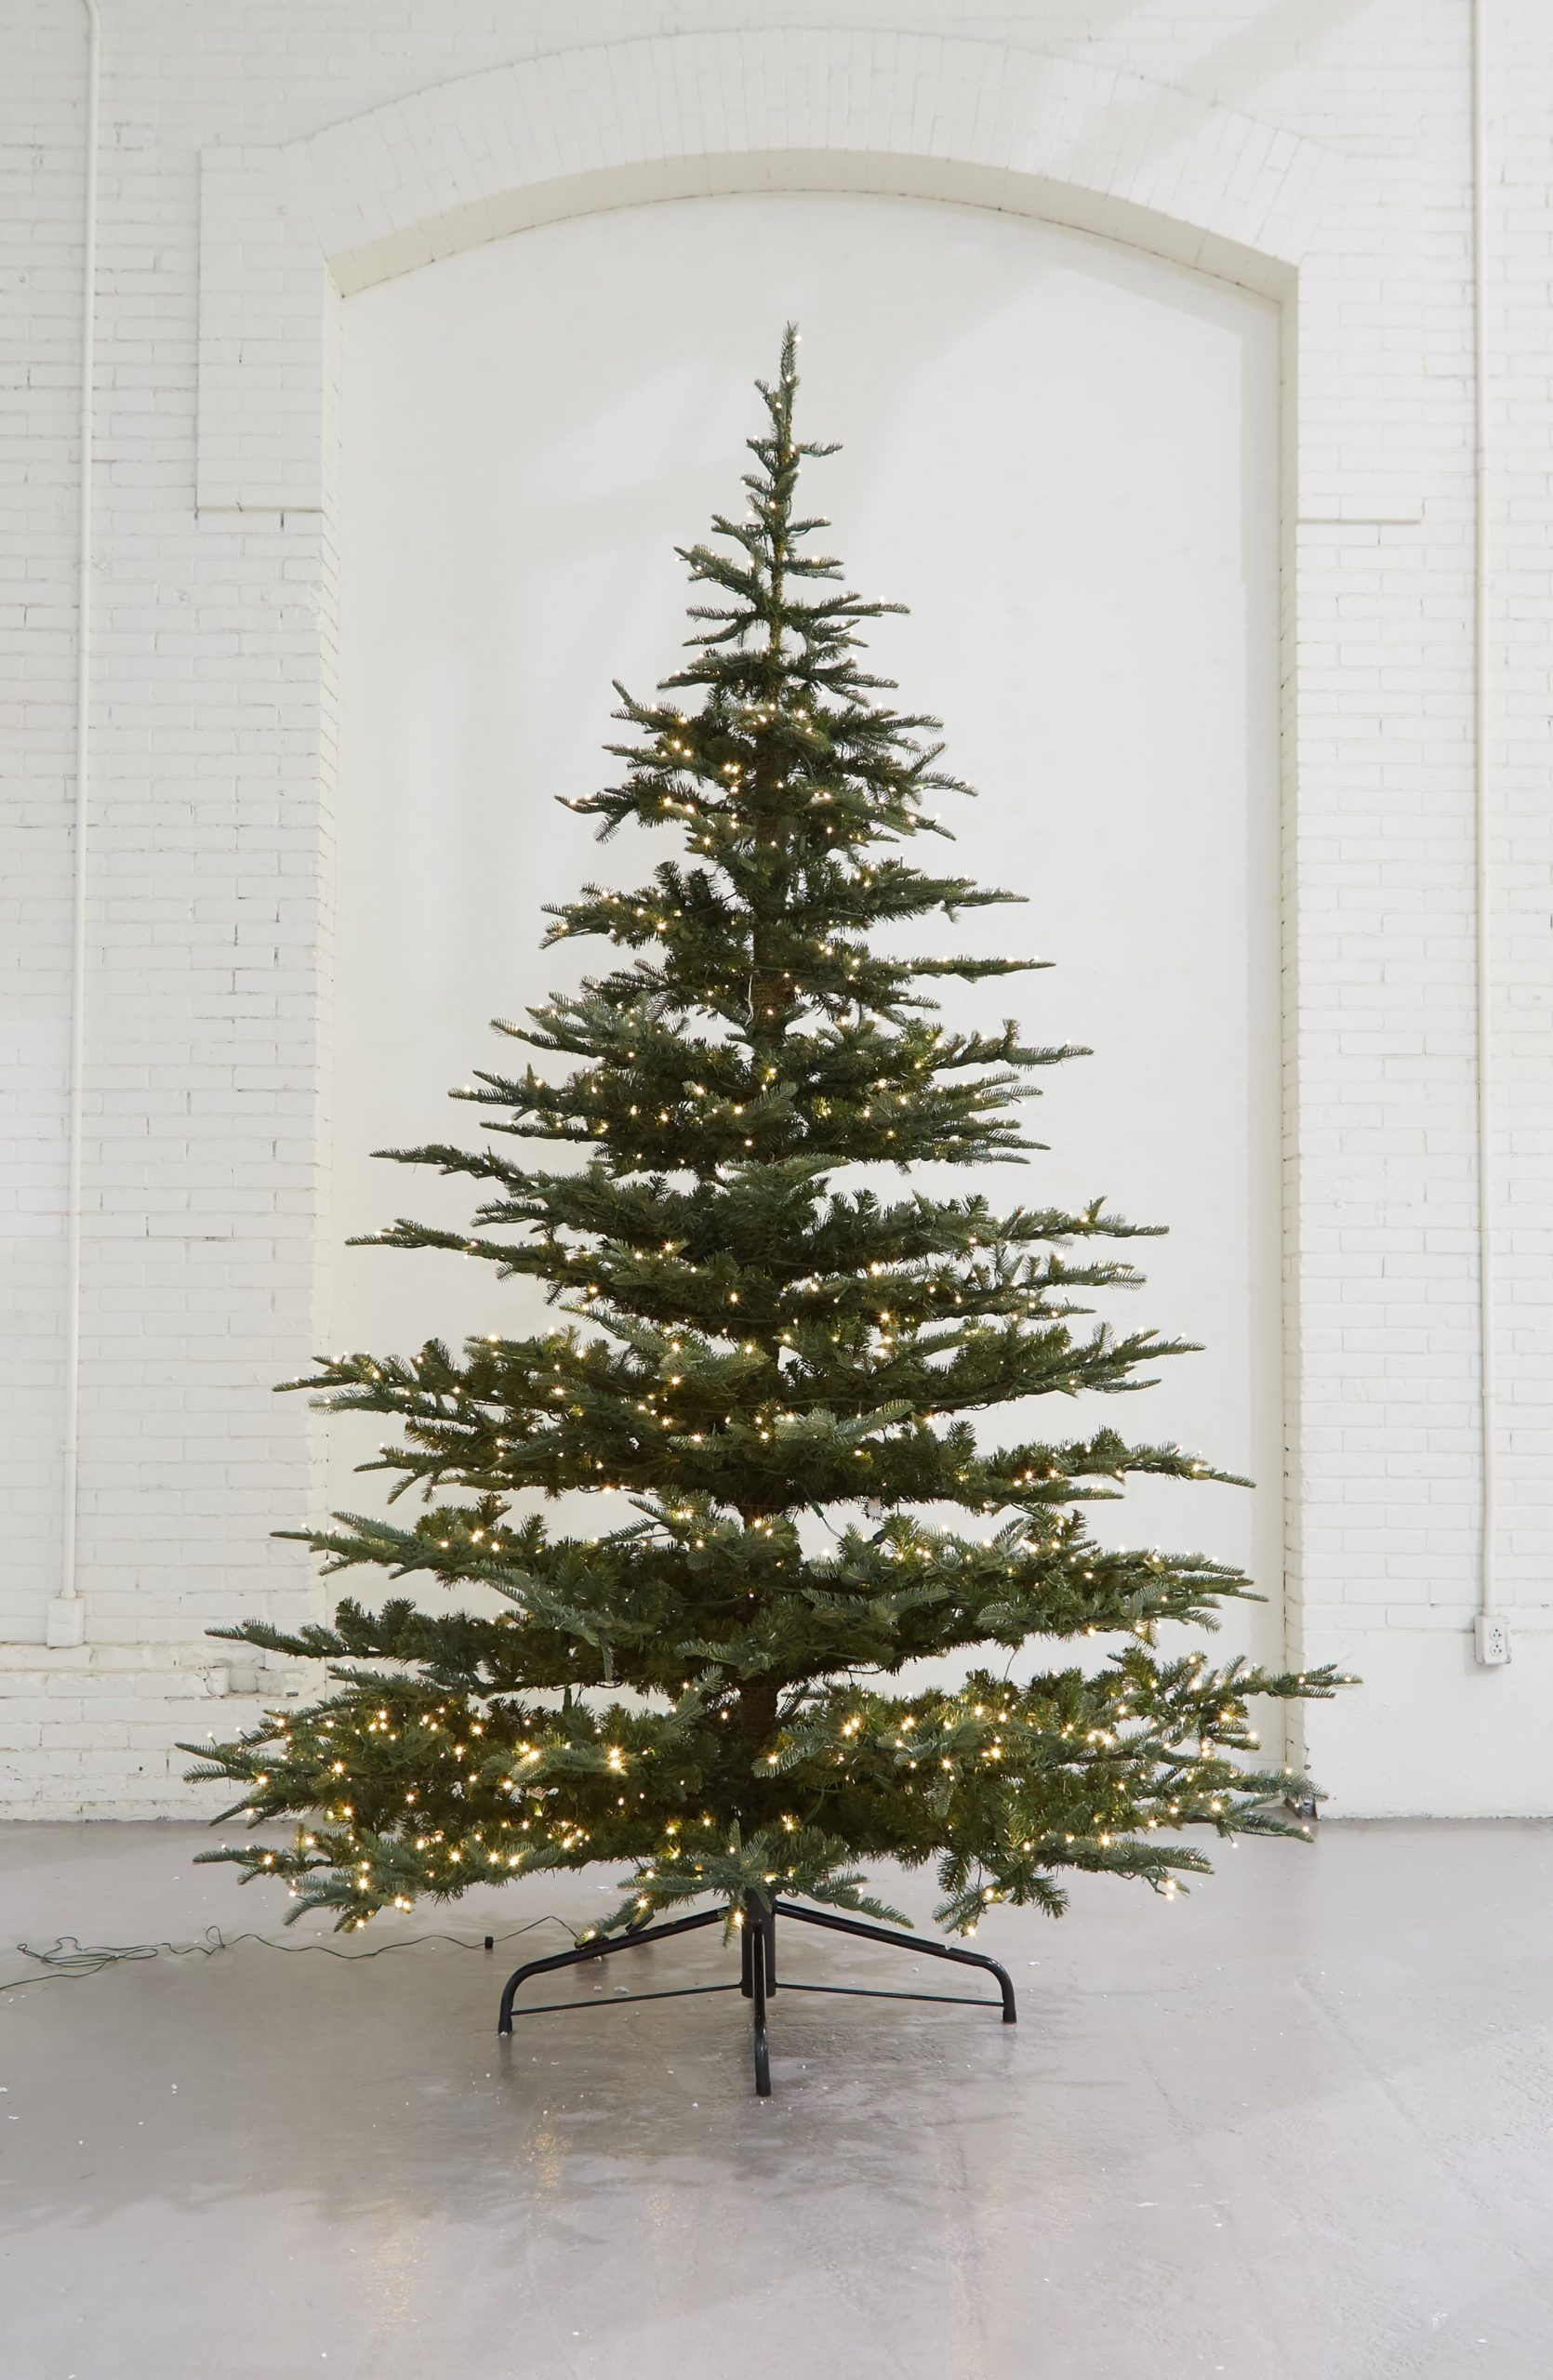 Terrain Pre Lit Noble Fir Tree | Nordstrom#fir #noble #nordstrom